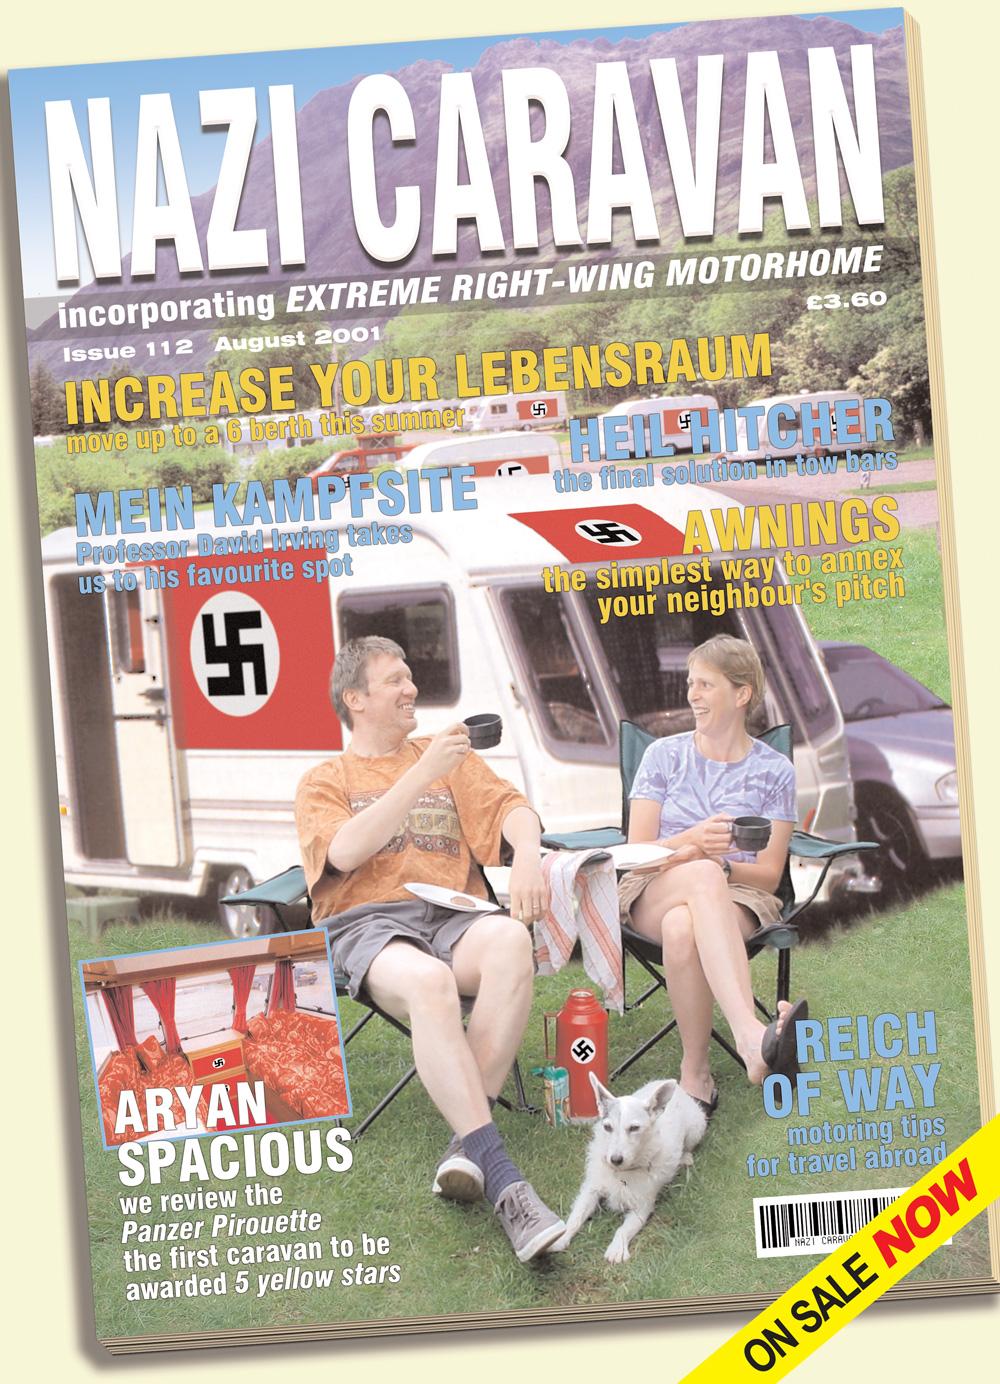 Viz109-p10-Nazi-Caravan.jpg